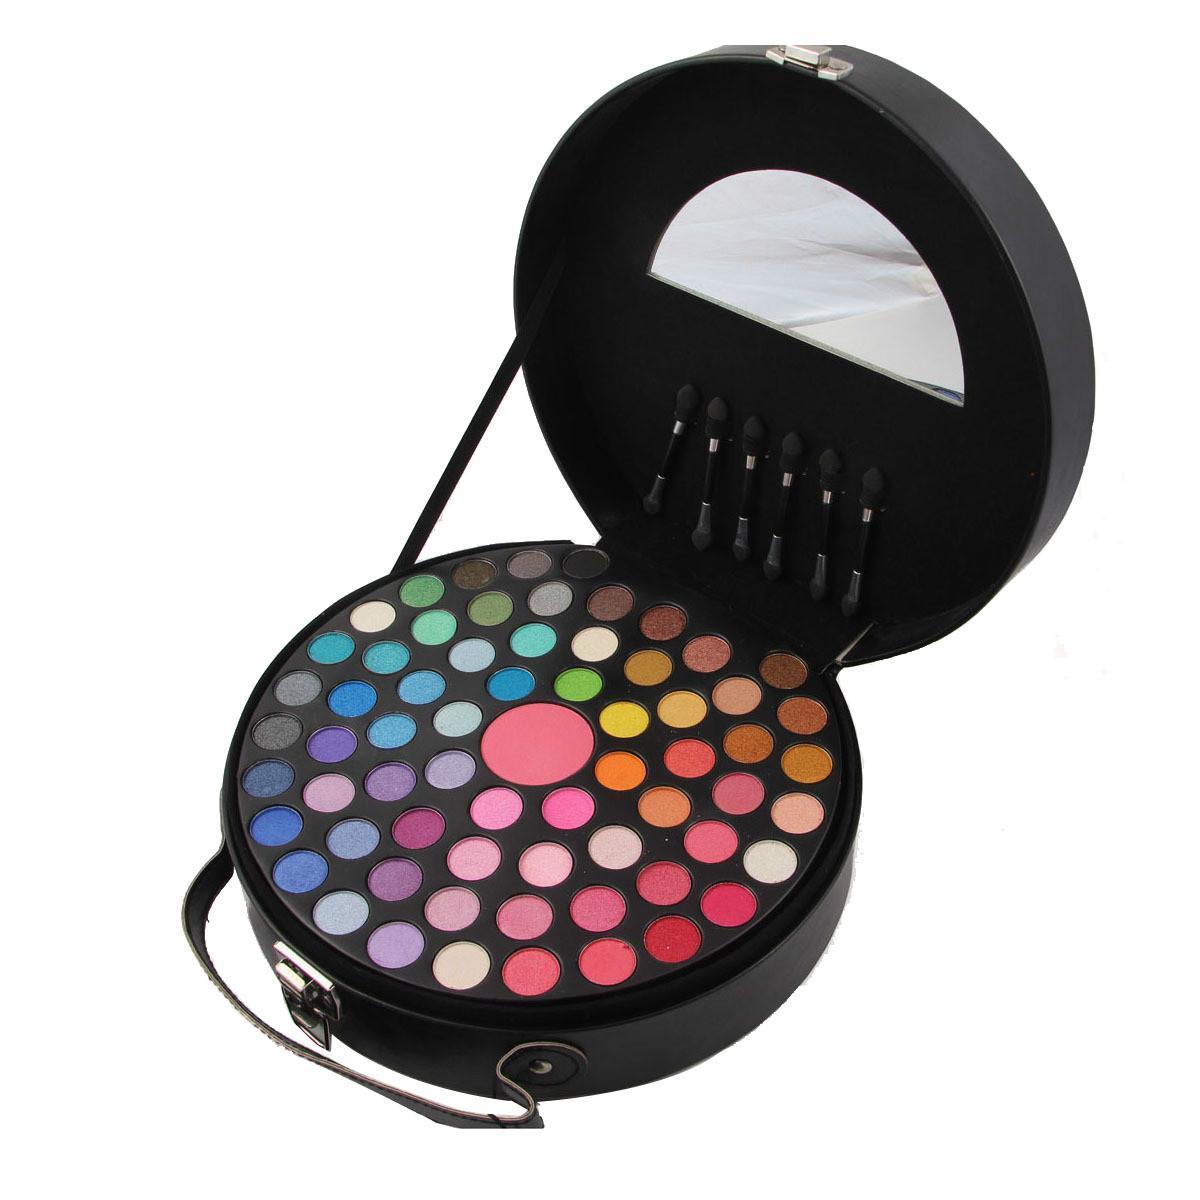 65 farben Matte Schimmer Lidschatten Rund Hand Make-Up Fall Set